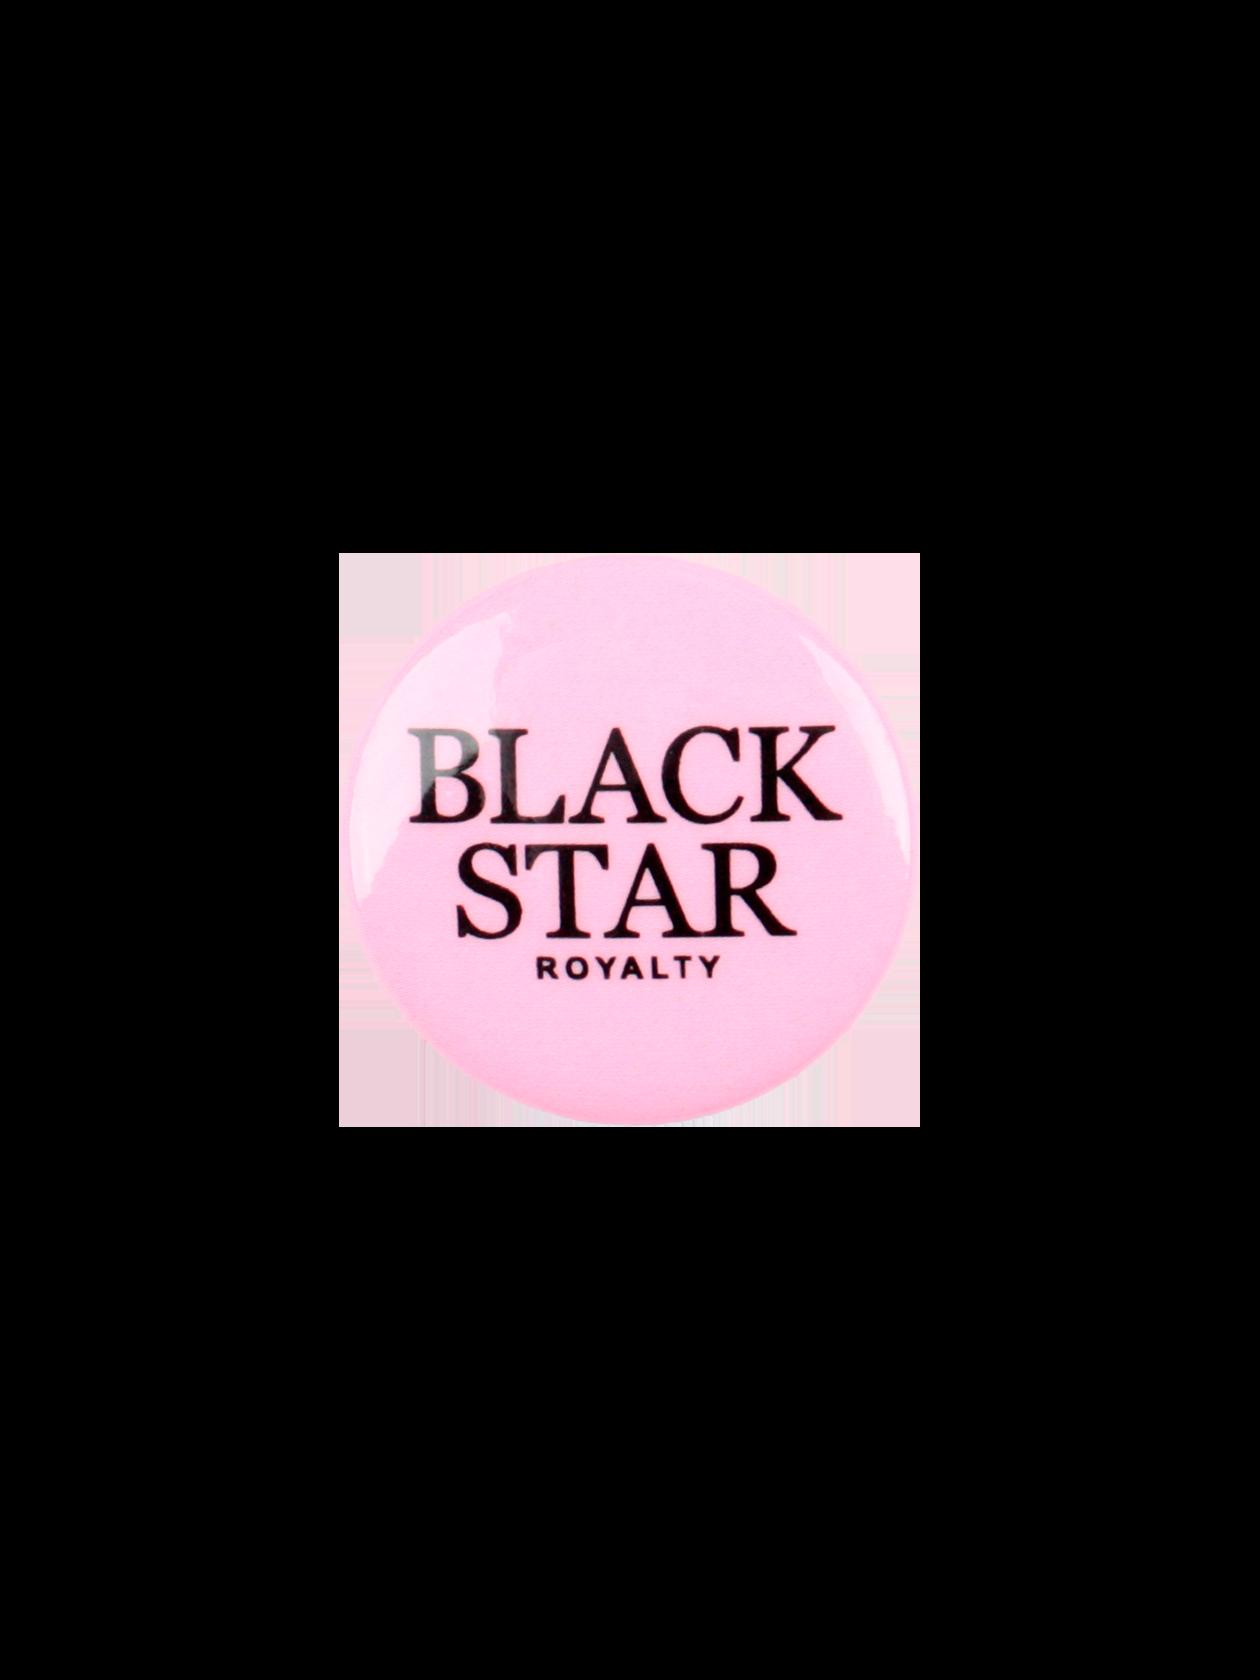 Значок ROYALTY BLACK STARЯркий, стильный значок Royalty Black Star поможет при создании индивидуального лука. Модель идеально подойдет к спортивной и повседневной одежде, сумкам. Аксессуар выполнен из прочного материала с глянцевым покрытием, застегивается на английскую булавку. Изделие небольшой круглой формы с надписью «Black Star Royalty». Значок представлен в трех цветах – ментоловом, черном и розовом. Может использоваться в качестве оригинального подарка.<br><br>Размер: Единый размер<br>Цвет: Розовый<br>Пол: Унисекс